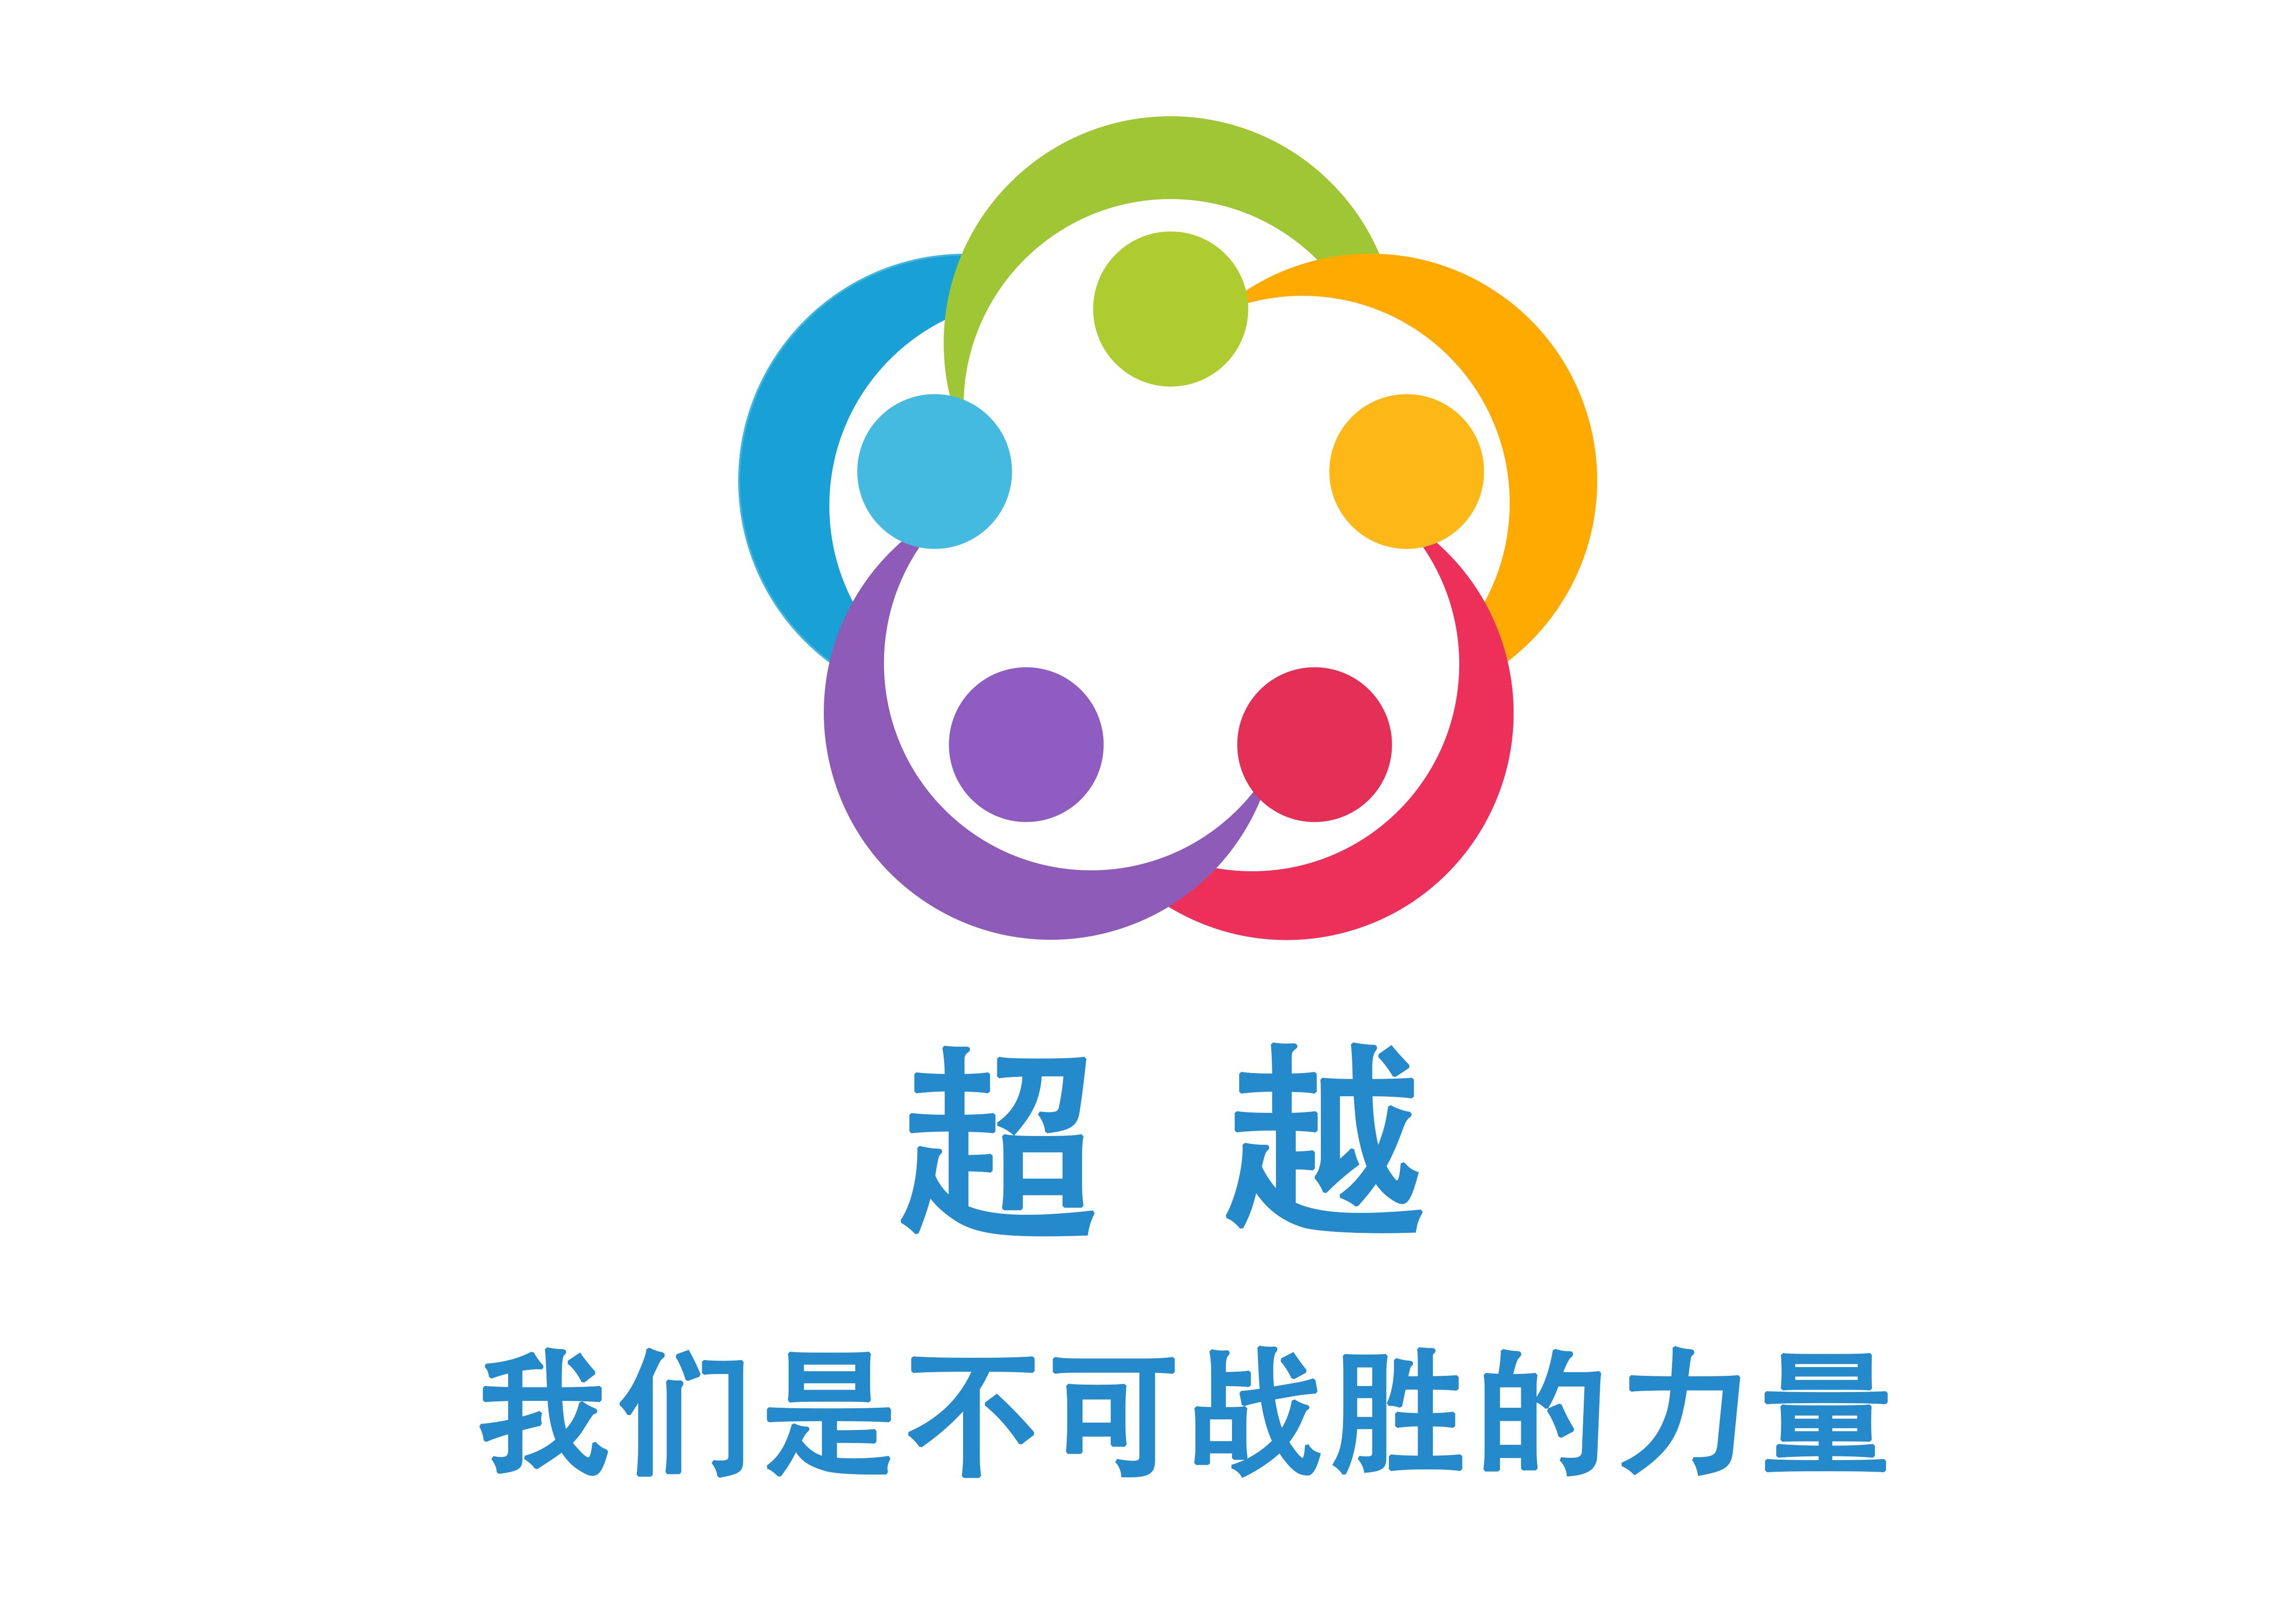 平安小组logo设计——超越图片